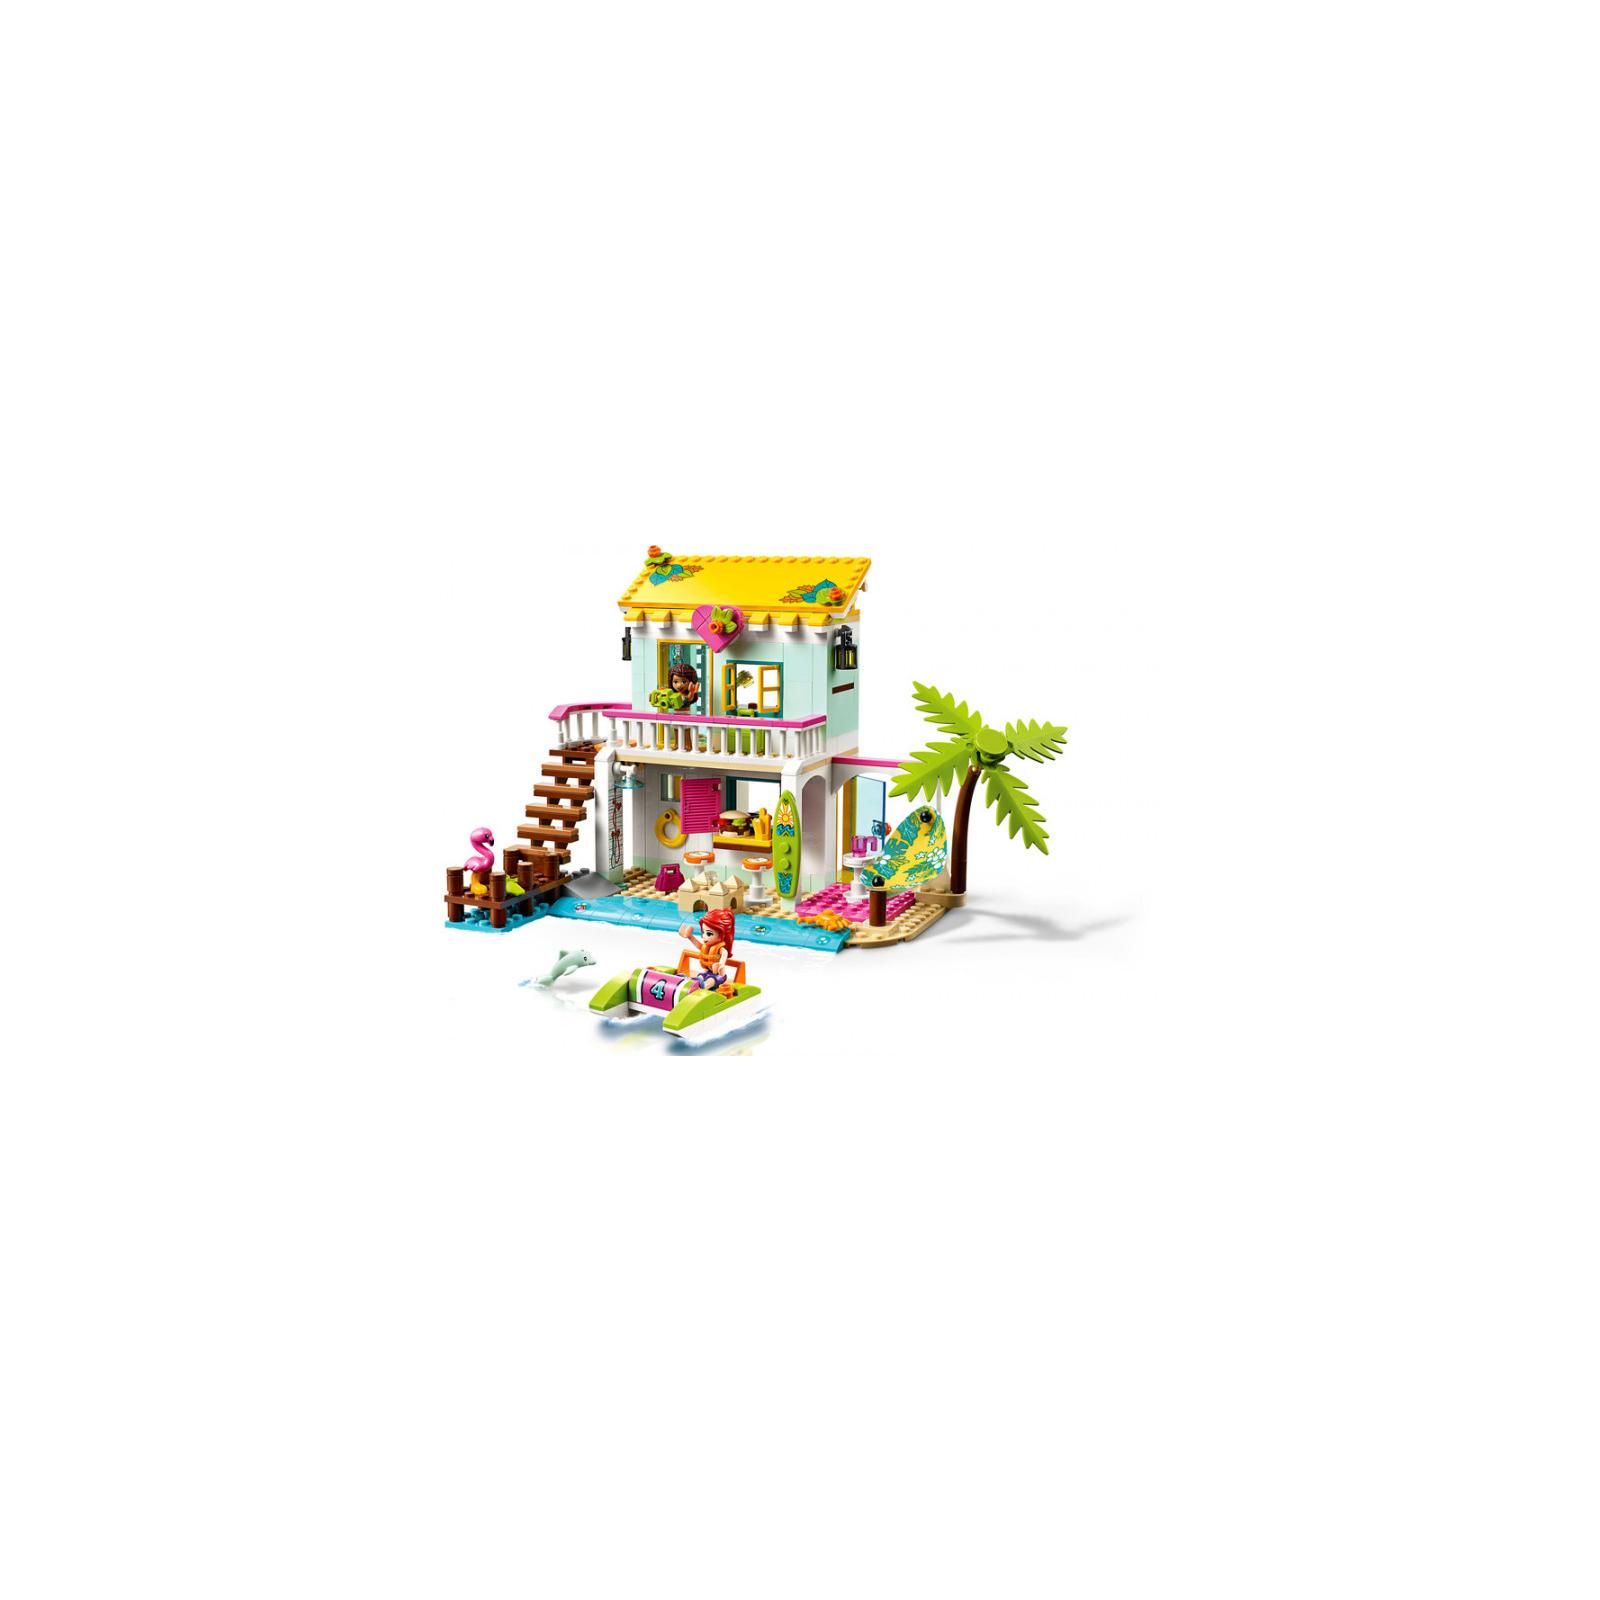 Конструктор LEGO Friends Пляжный домик 444 детали (41428) изображение 4